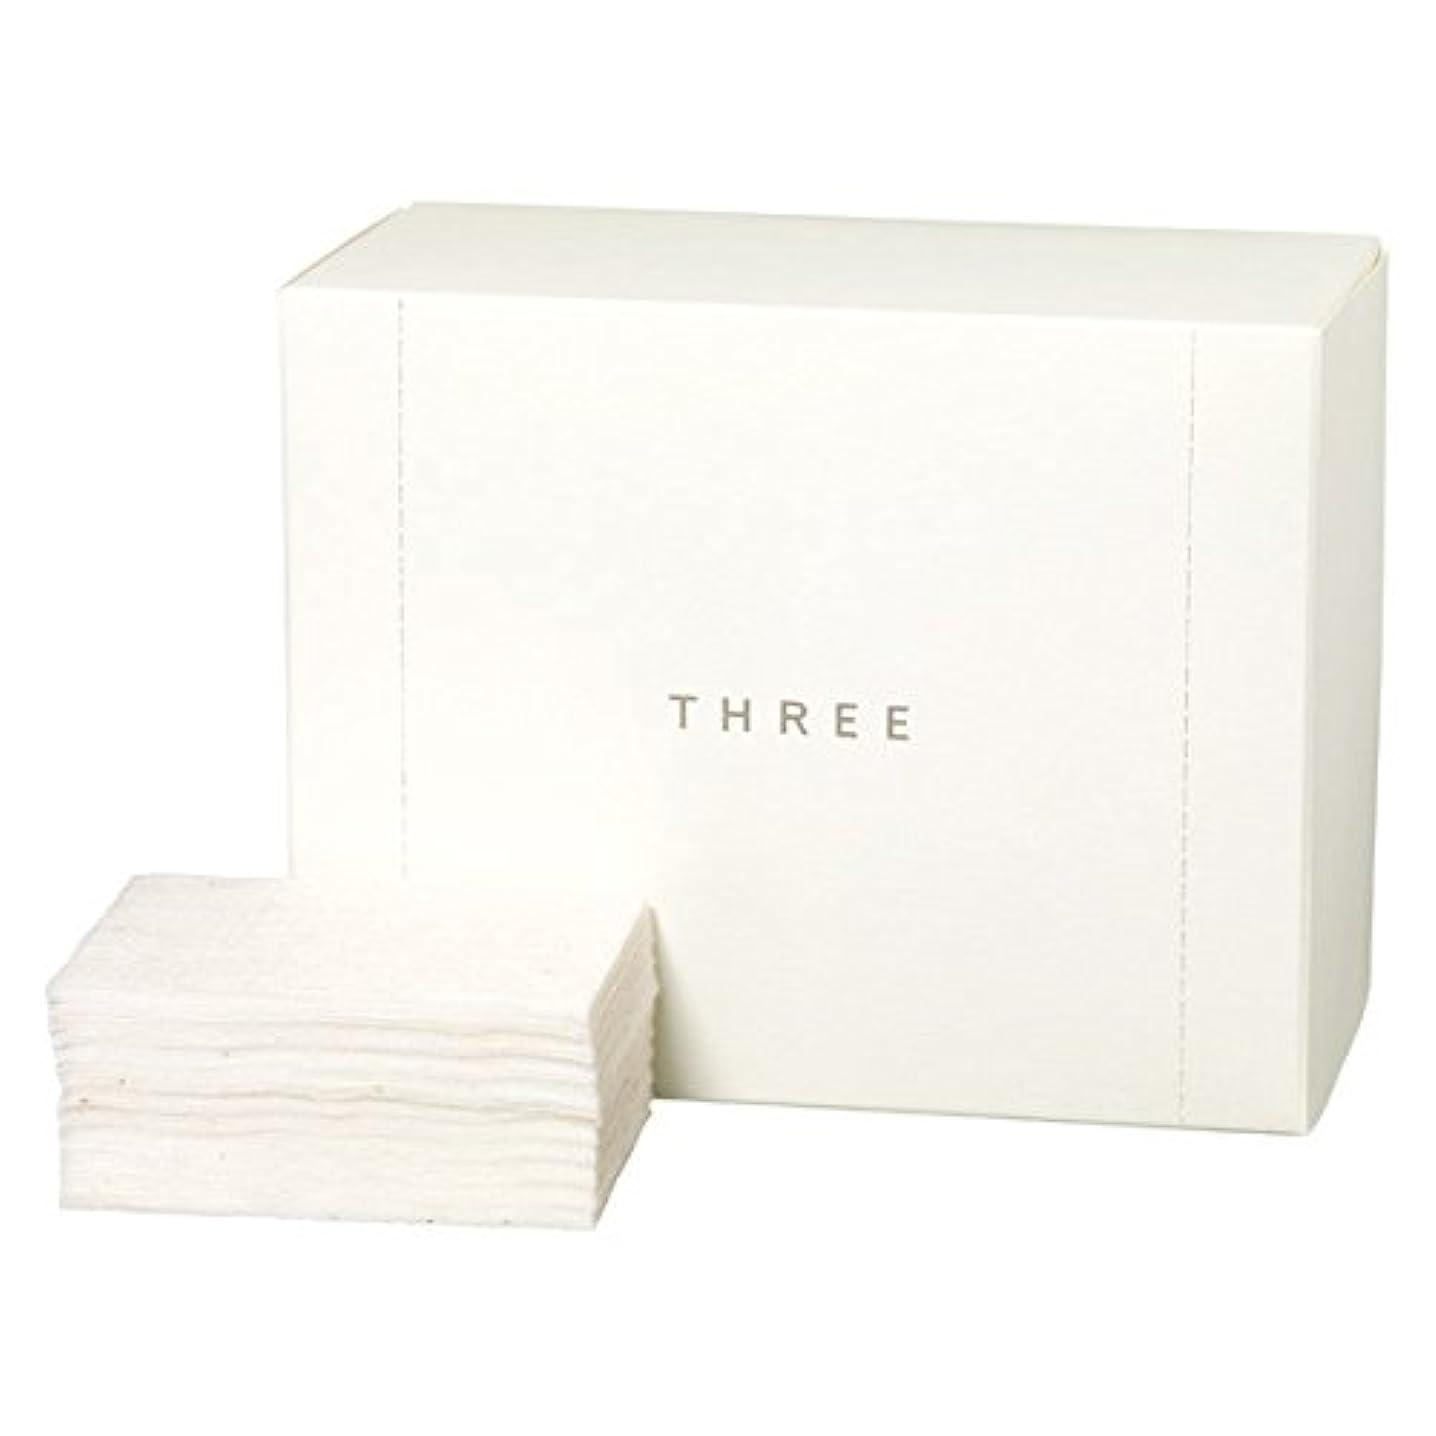 生態学解体する自己THREE オーガニック コットン THREEショップバッグ付き